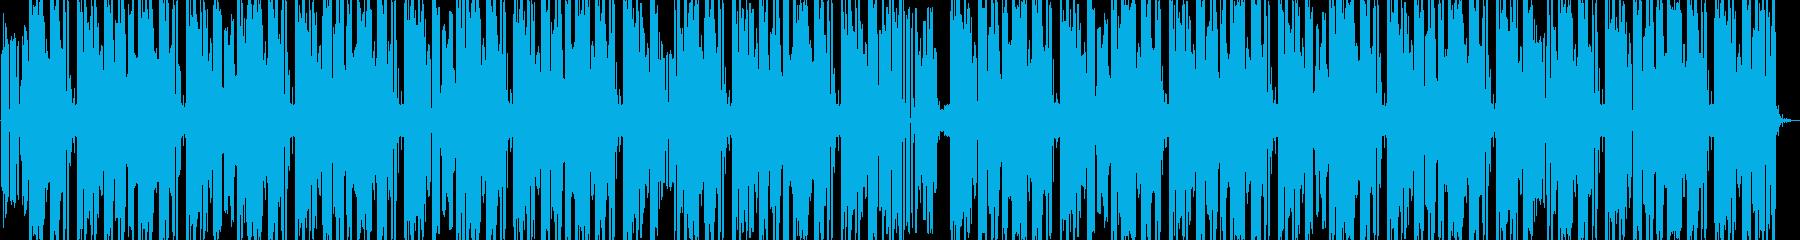 レトロゲーム戦闘風エレクトロダンスビートの再生済みの波形